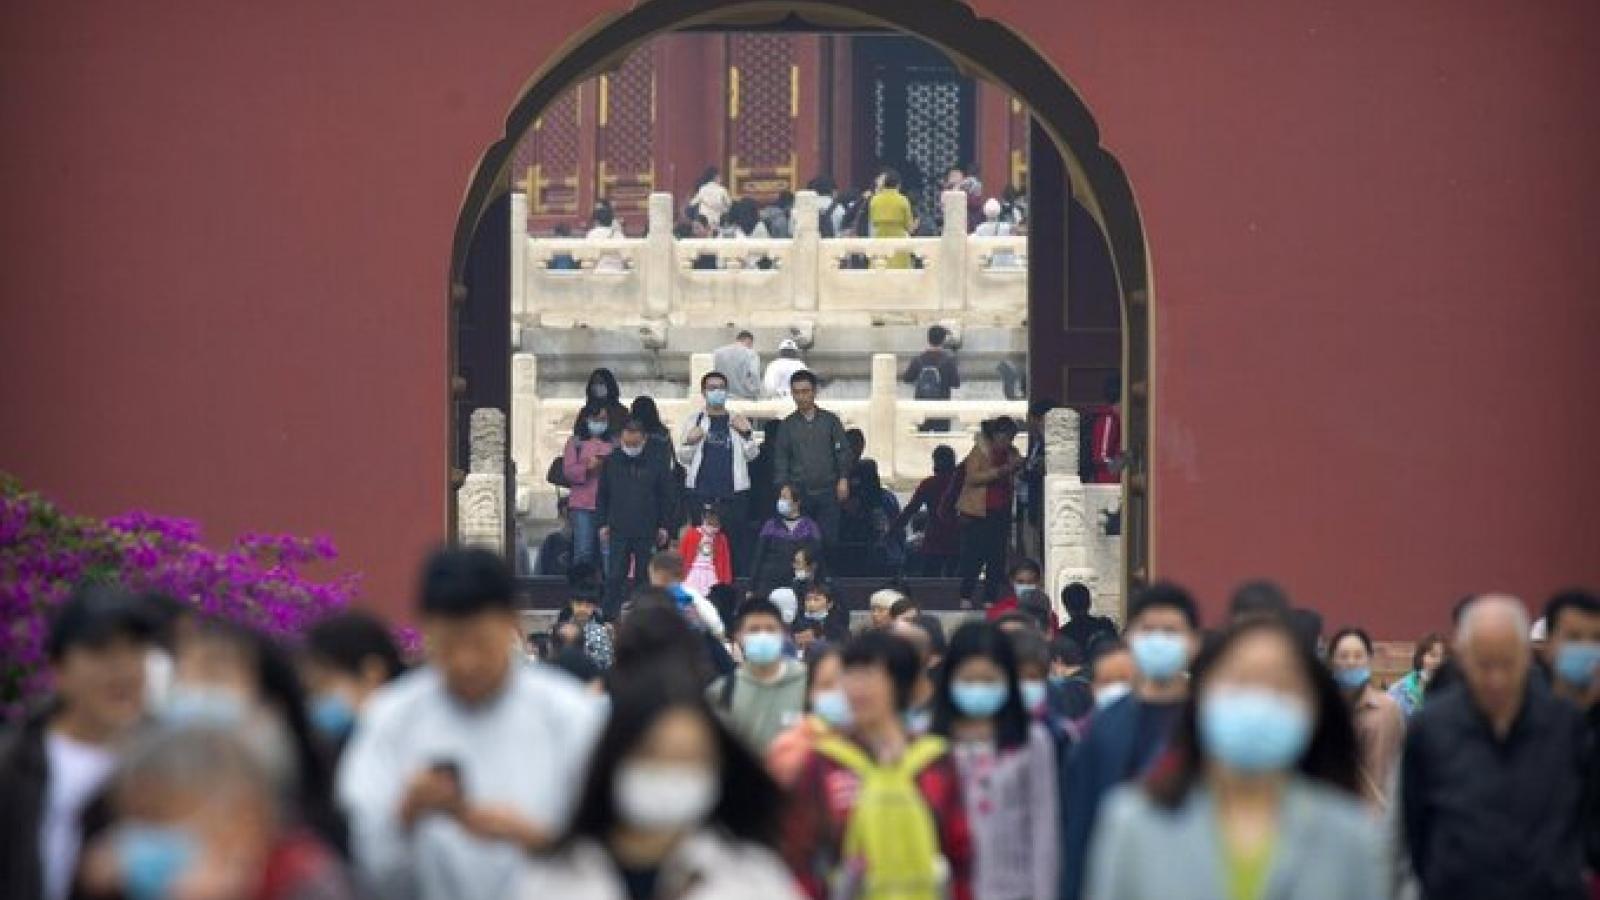 Tiêu thụ nội địa và du lịch thúc đẩy kinh tế Trung Quốc nhanh phục hồi